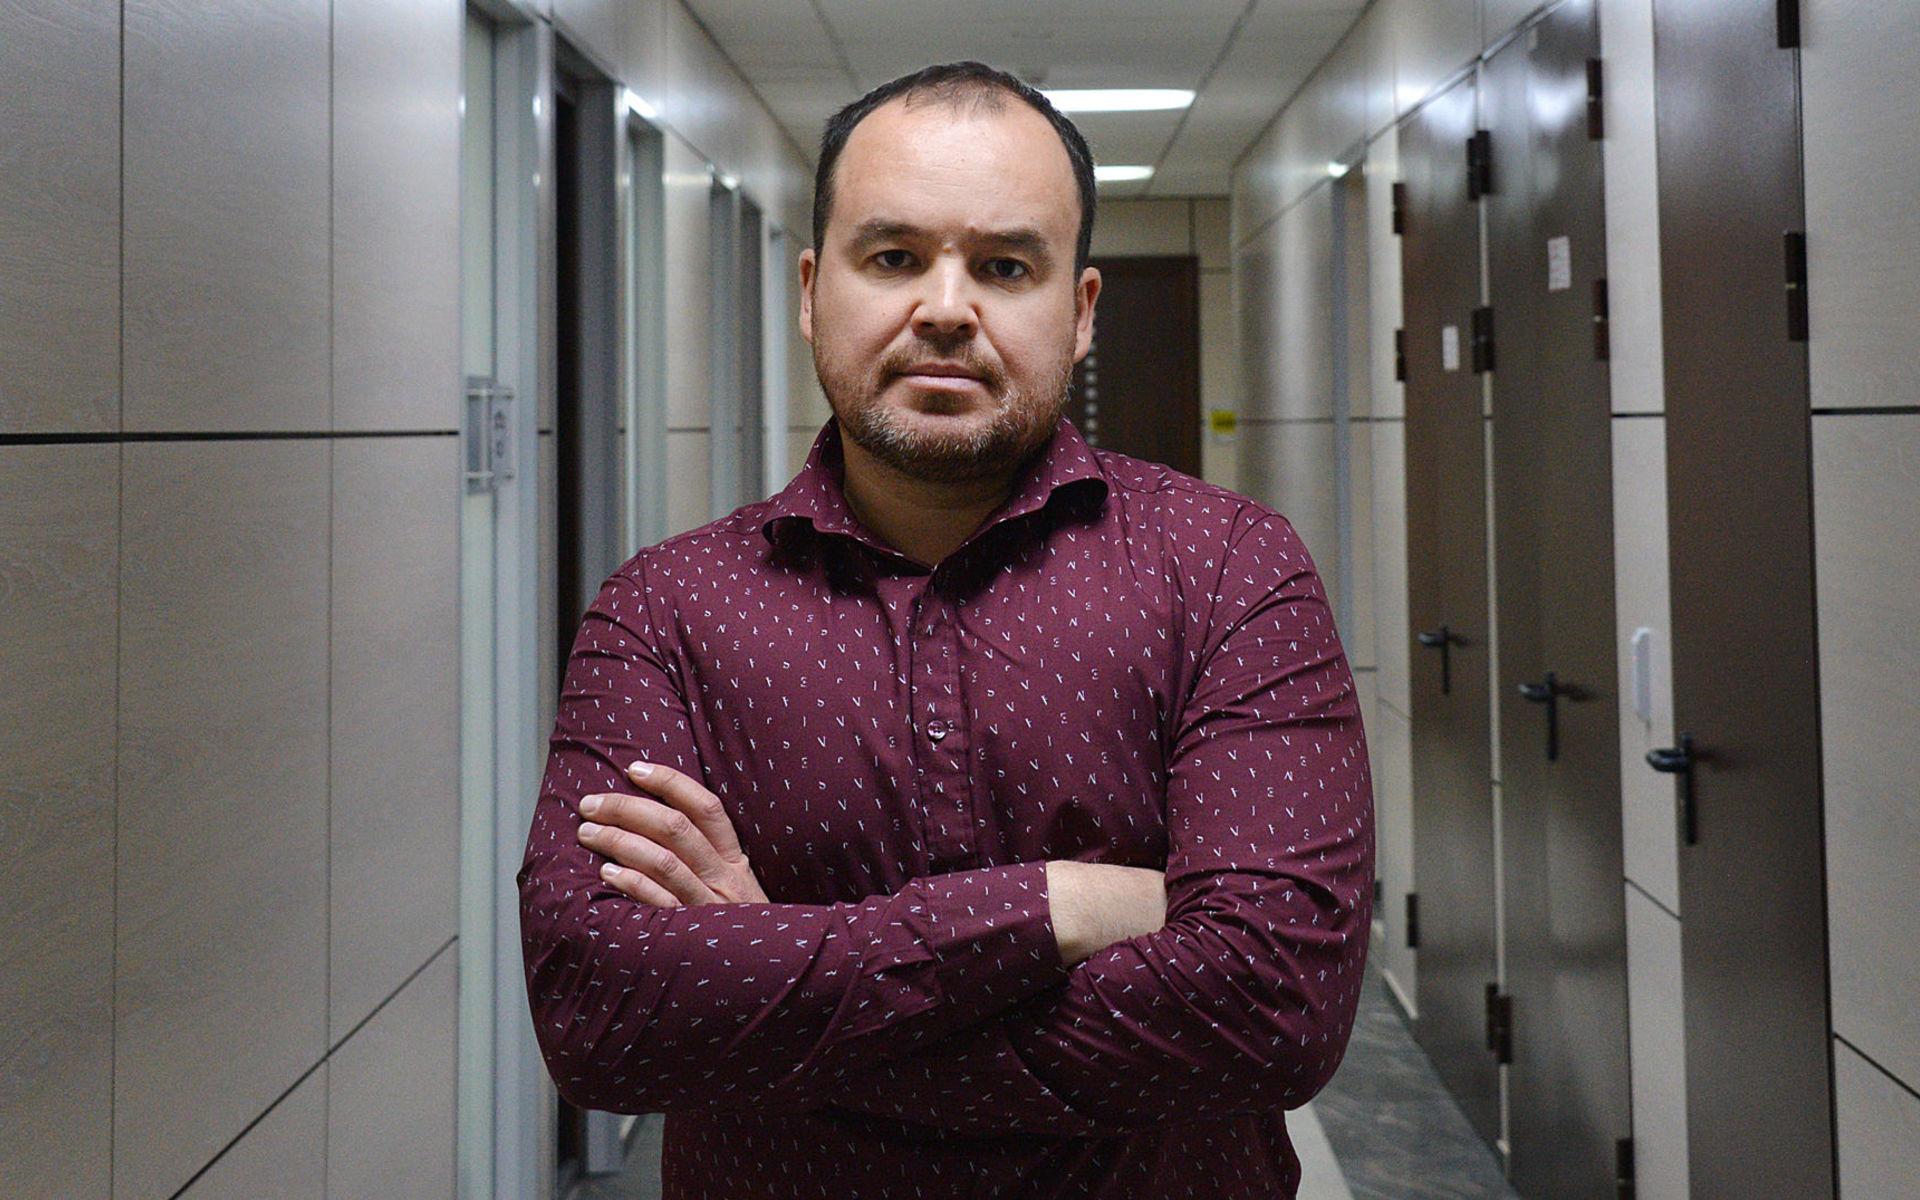 Бывший правоохранитель, бывший заключённый, а ныне начальник юридического департамента фонда помощи осужденным «Русь сидящая» Алексей Федяров